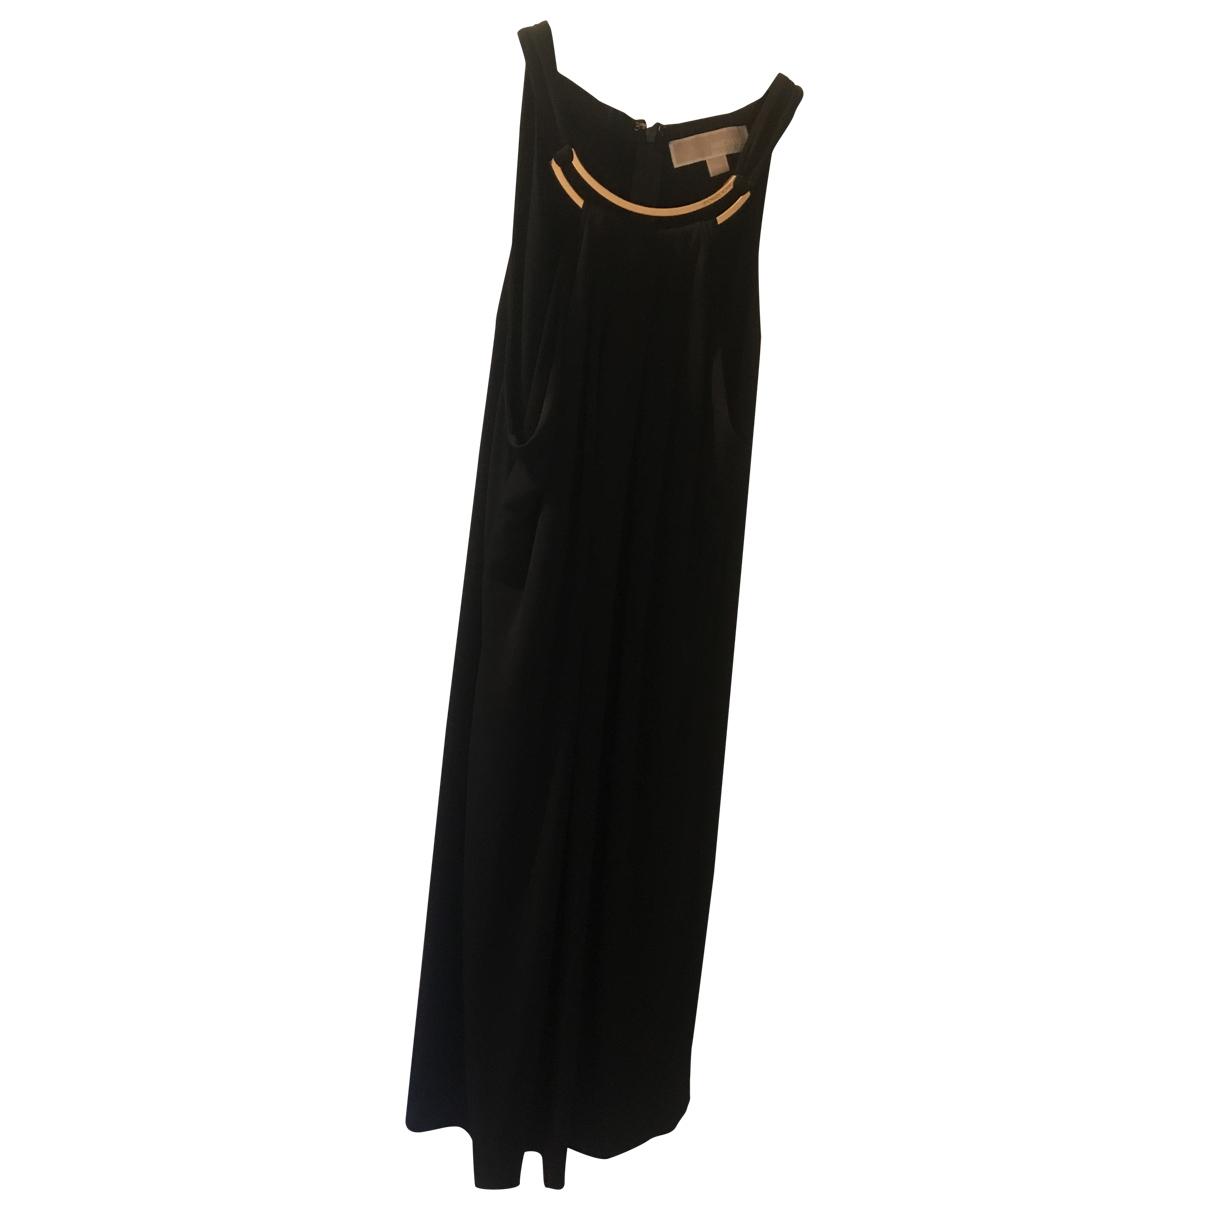 Michael Kors \N Black dress for Women XS International